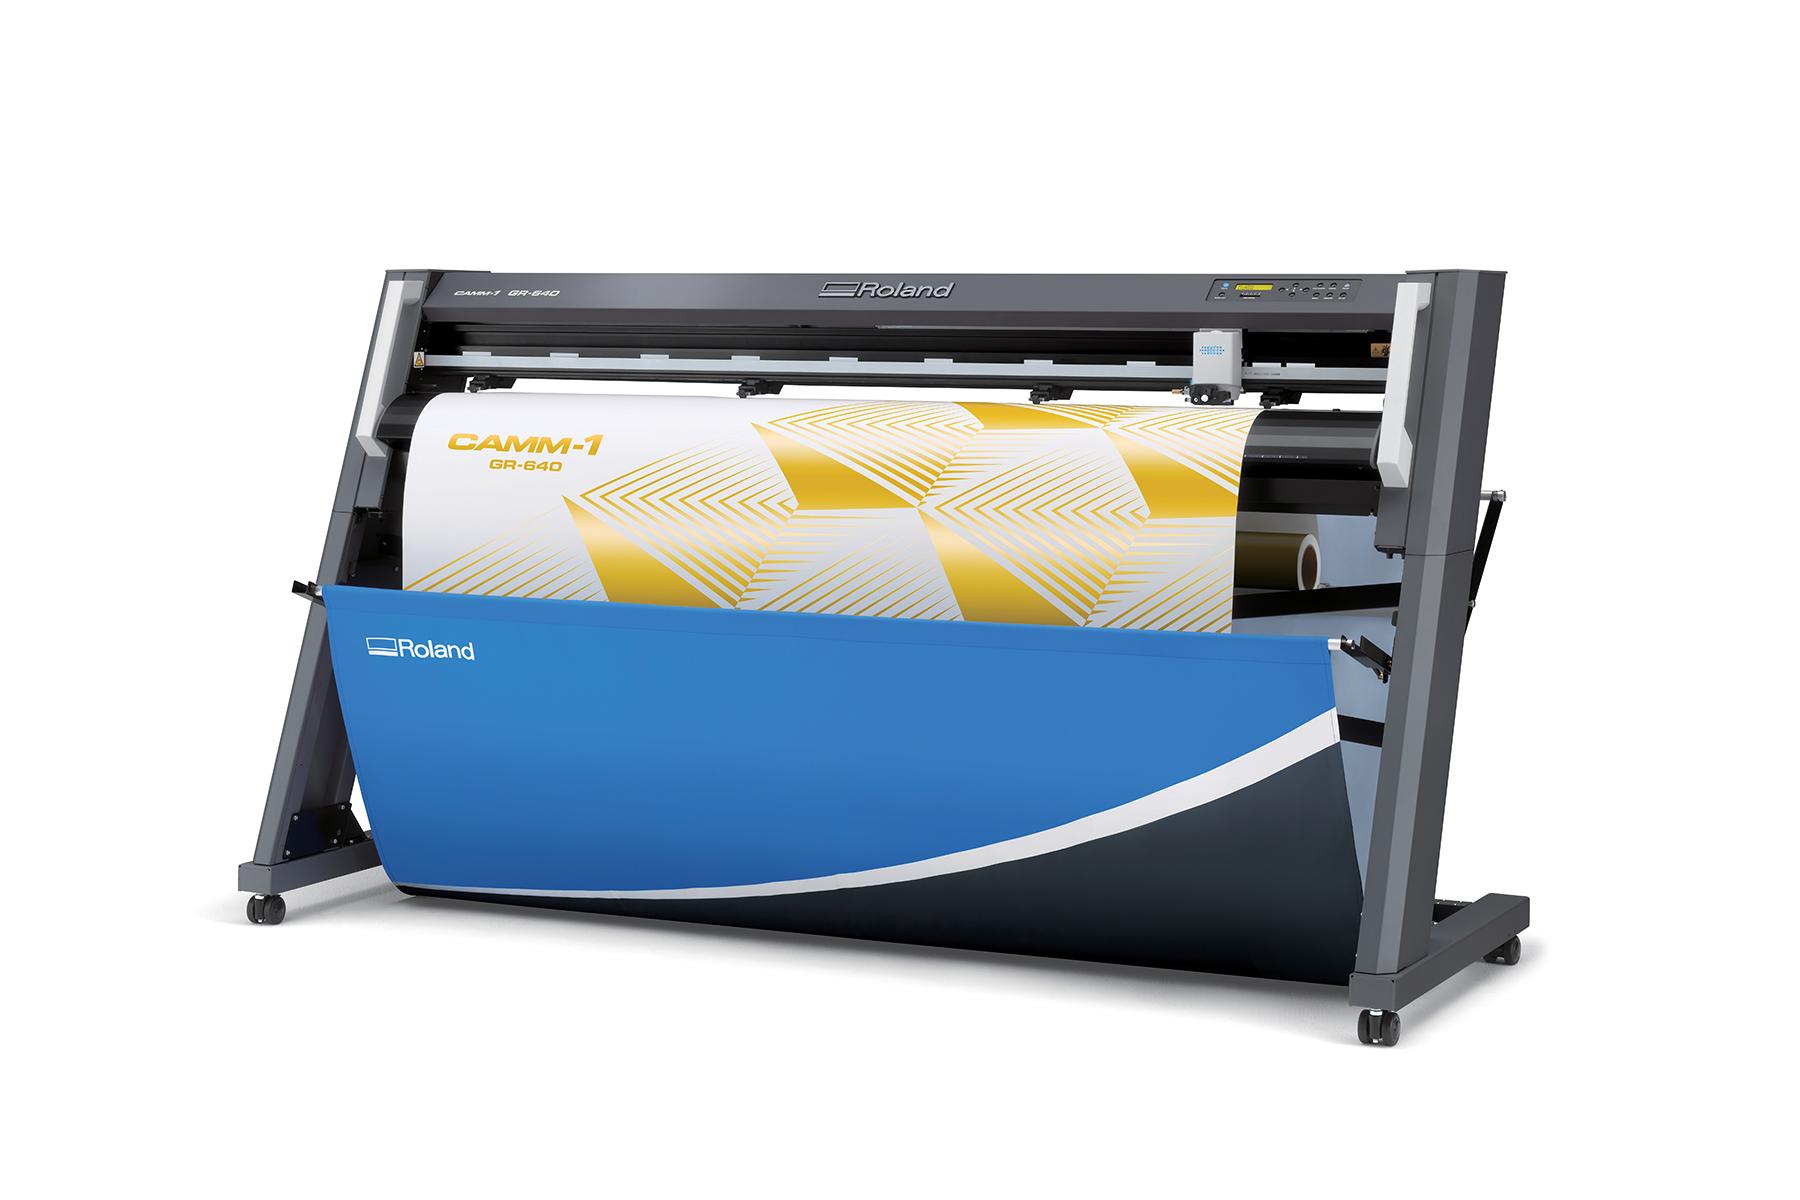 roland-camm-1-gr-640-cutter.jpg